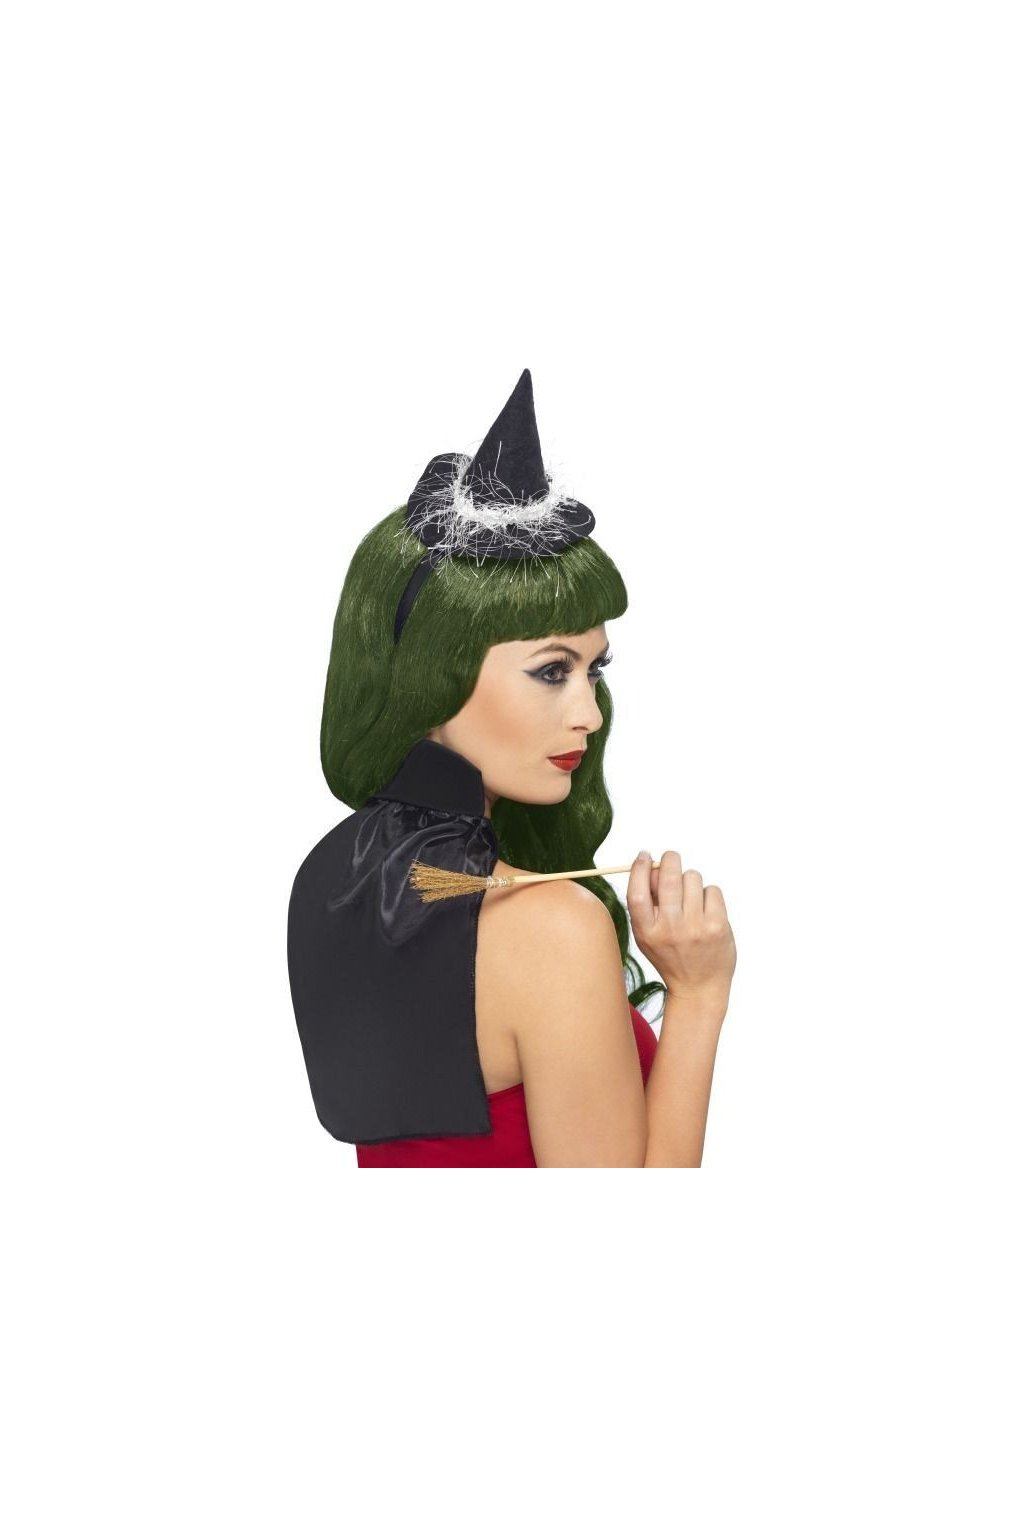 Čarodějnický klobouk, plášť a koště - sada